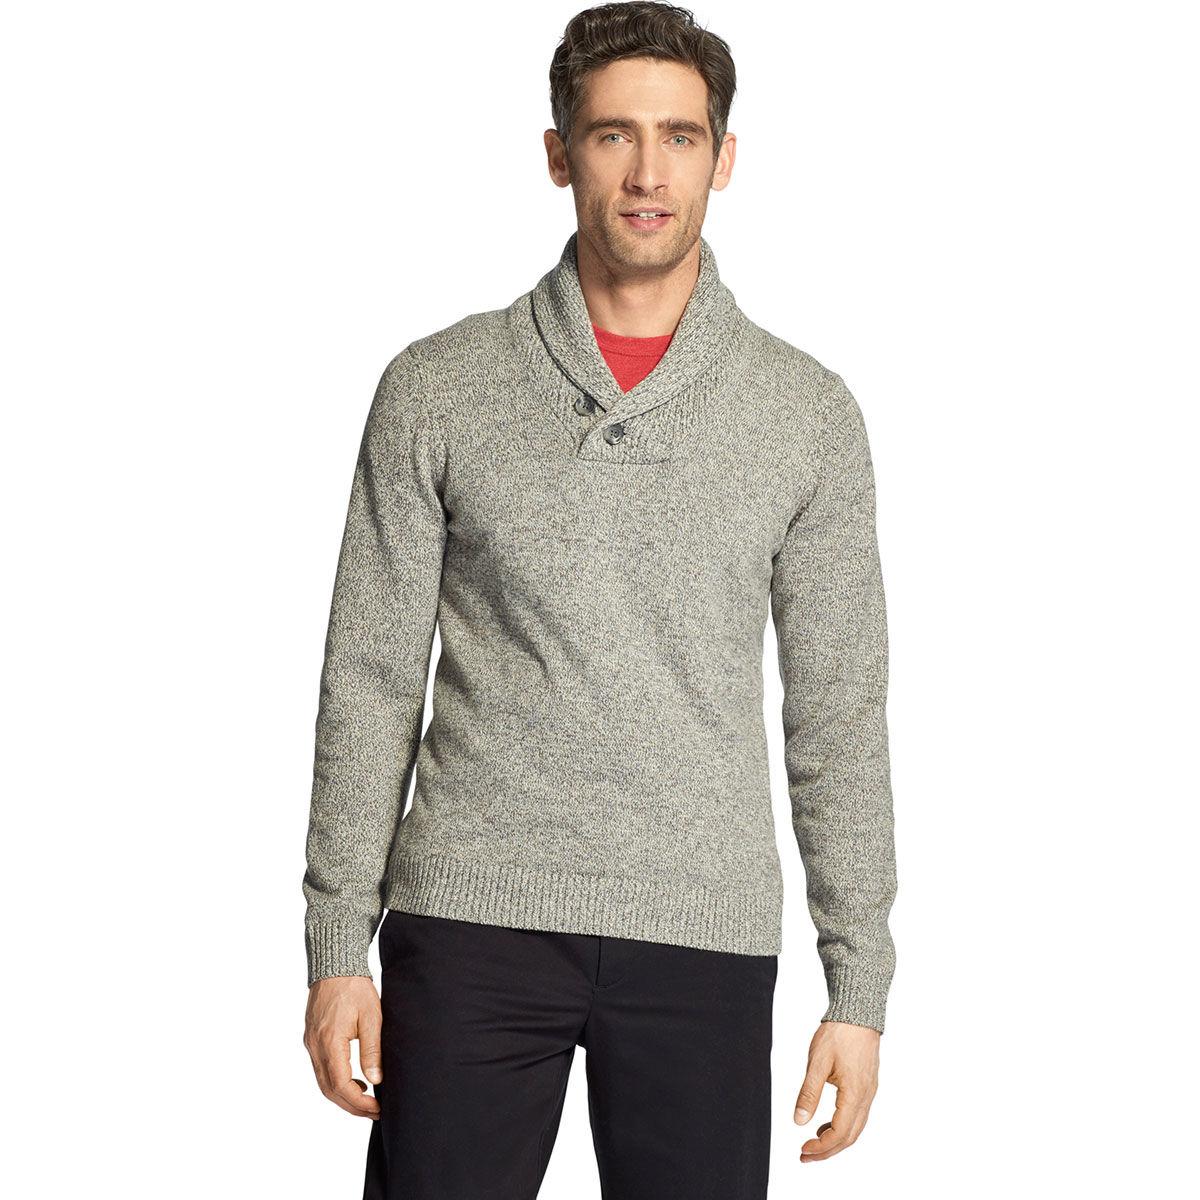 Izod Men's Premium Essentials Shawl Collar Sweater - Black, M